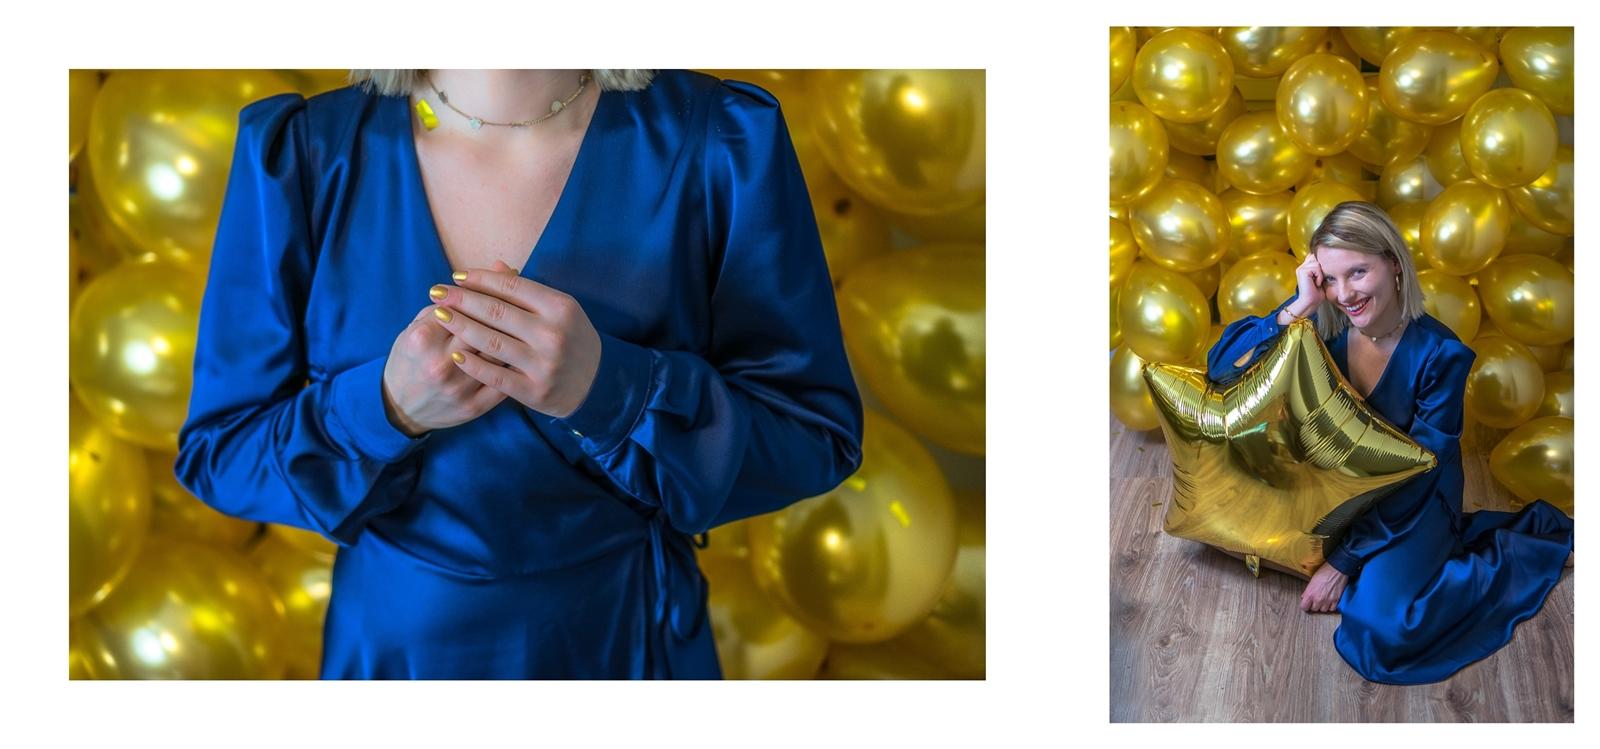 4a sukienki sylwestrowe z długim rękawem z dekoltem z frędzlami i cekinami błyszczące w co się ubrać na sylwestra jak się ubrać na bal sylwestrowy szkolny studniówkowy studniówka stylizacja